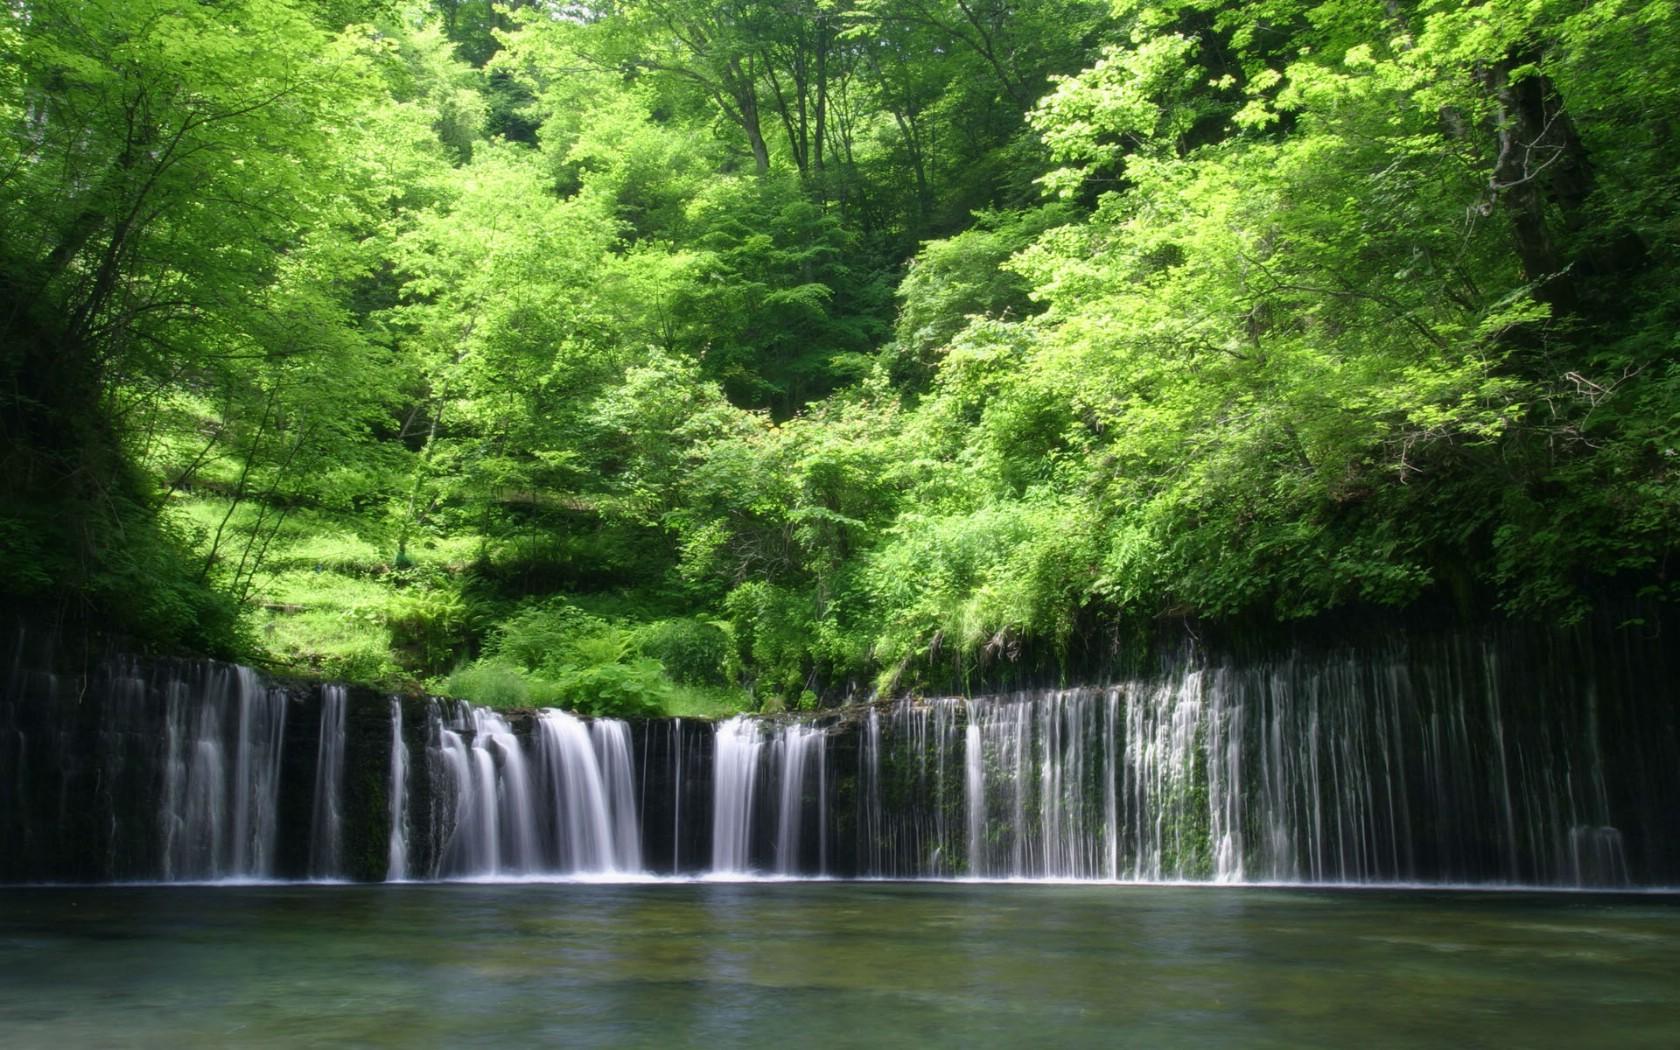 日本自然风光壁纸壁纸图片风景壁纸风景图片素材桌面